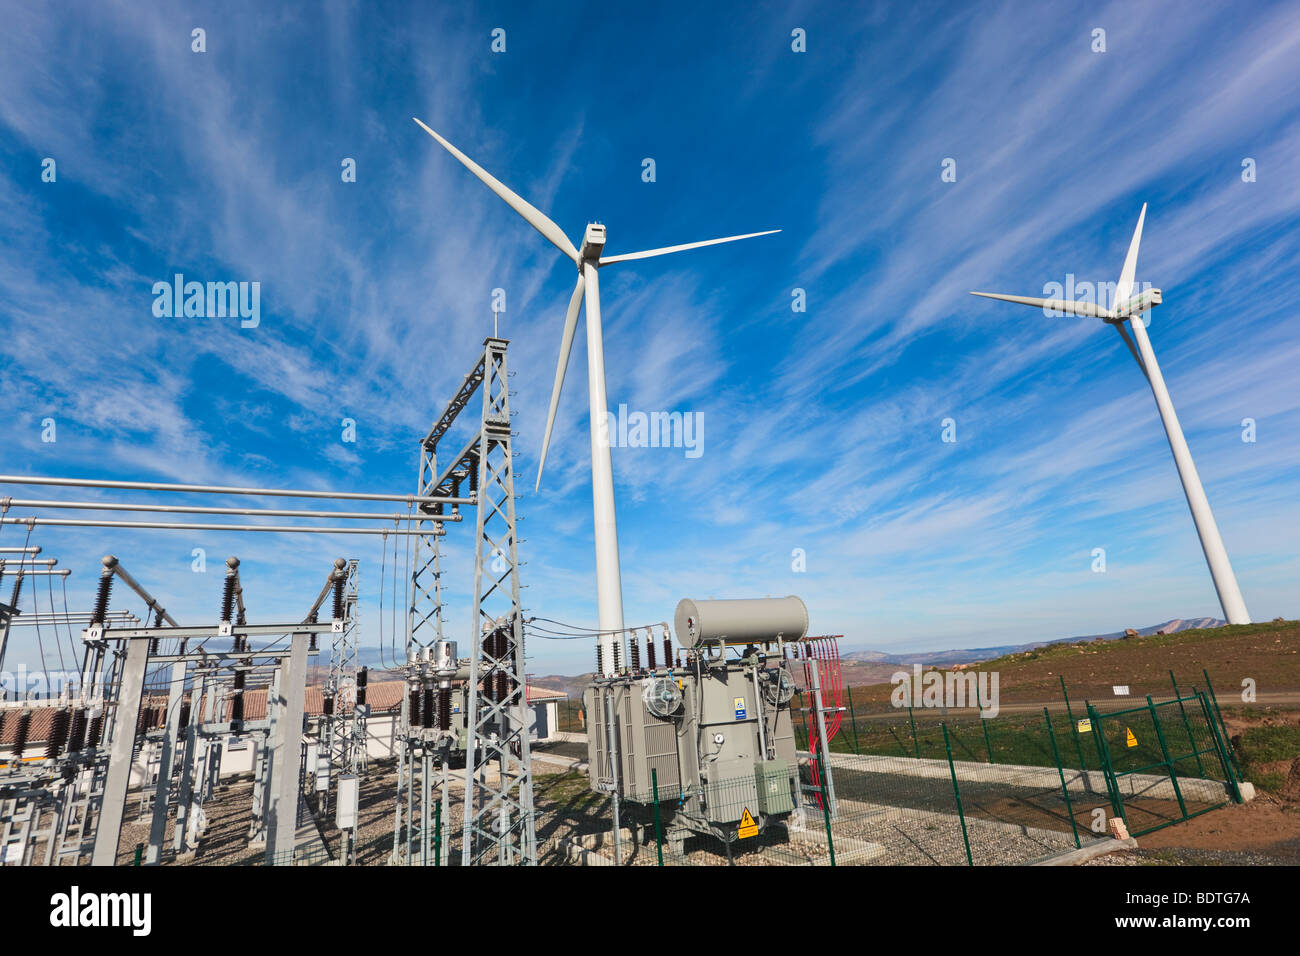 Centro de energía eólica cerca de Ardales, provincia de Málaga, España. Los molinos de viento Imagen De Stock